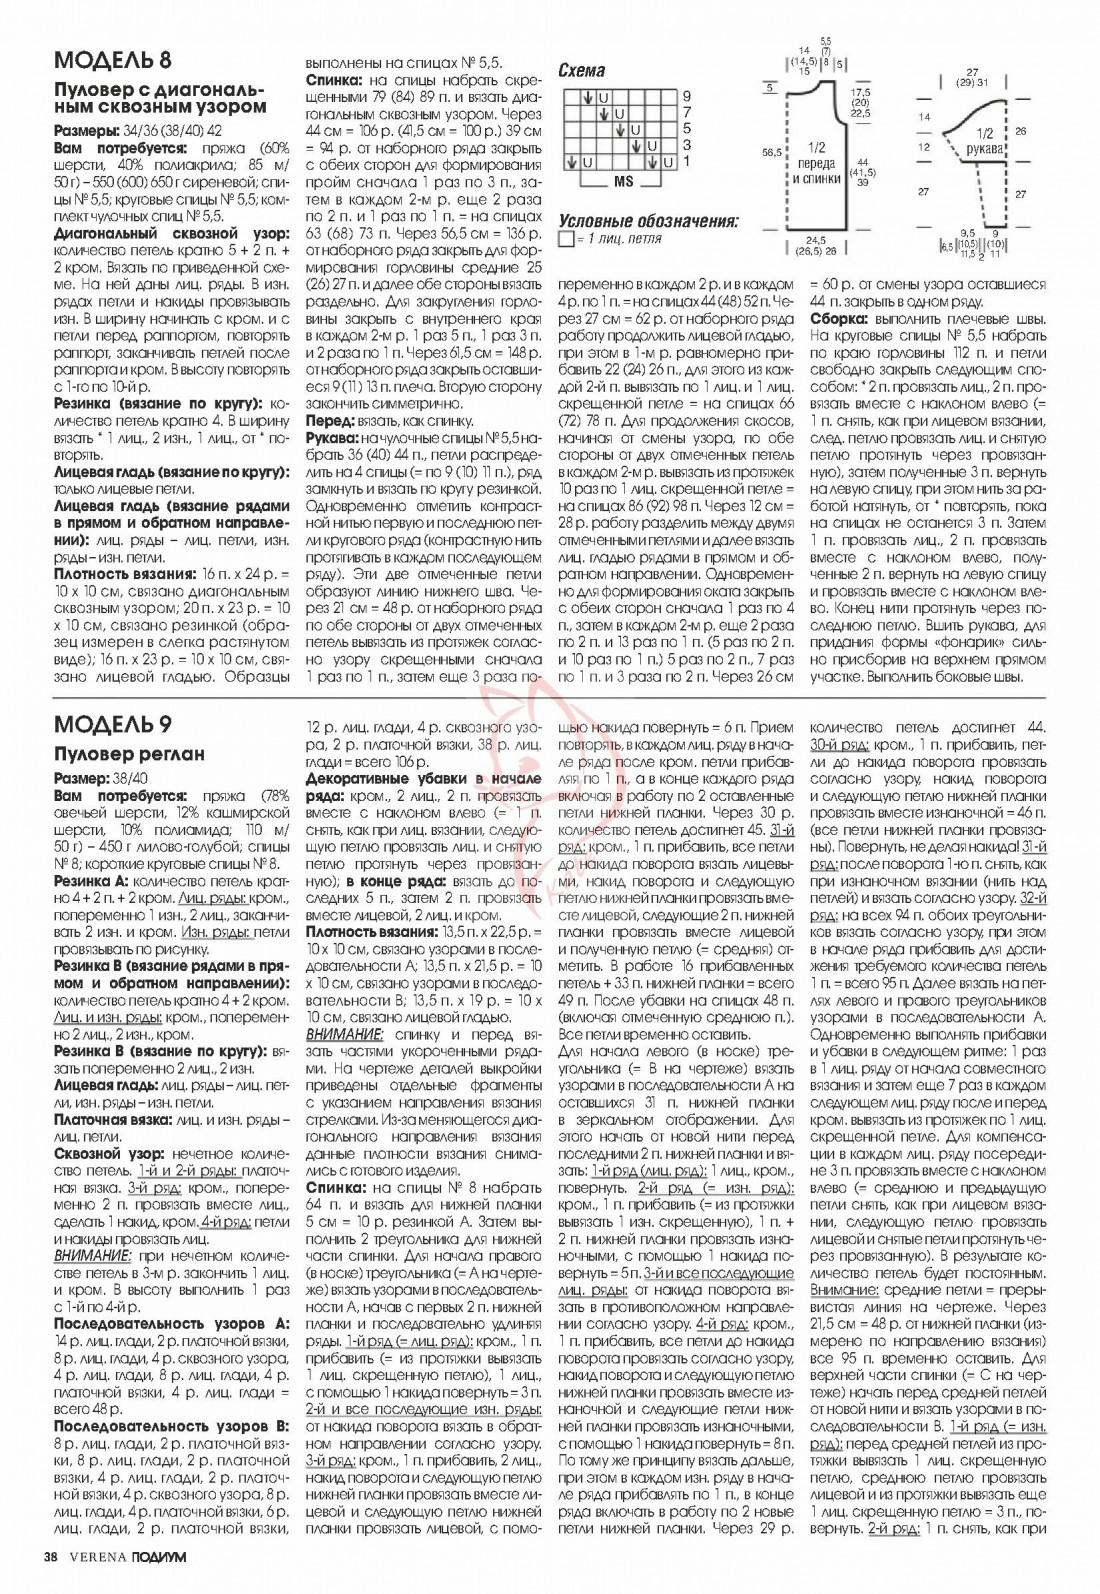 Page_000387ca03445d1a0d9d8.jpg